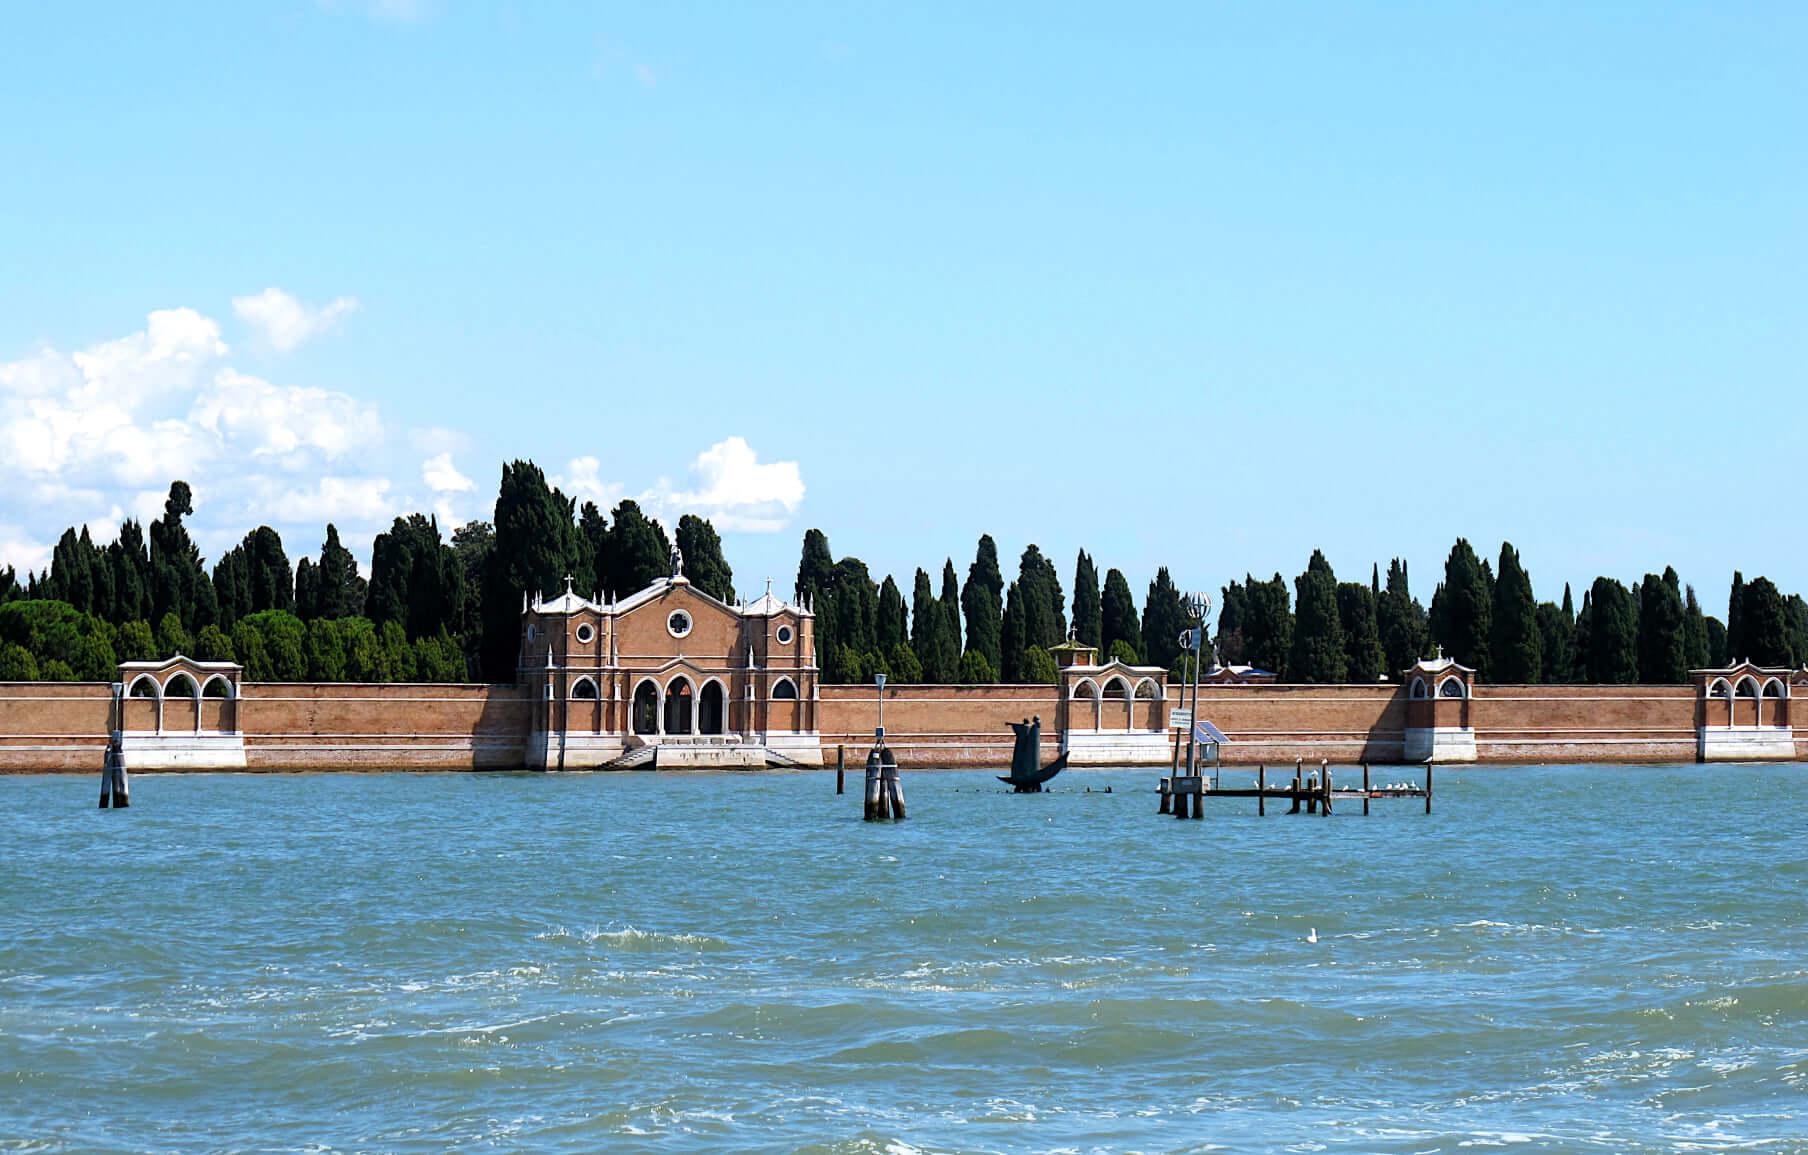 L'isola di San Michele, Venice